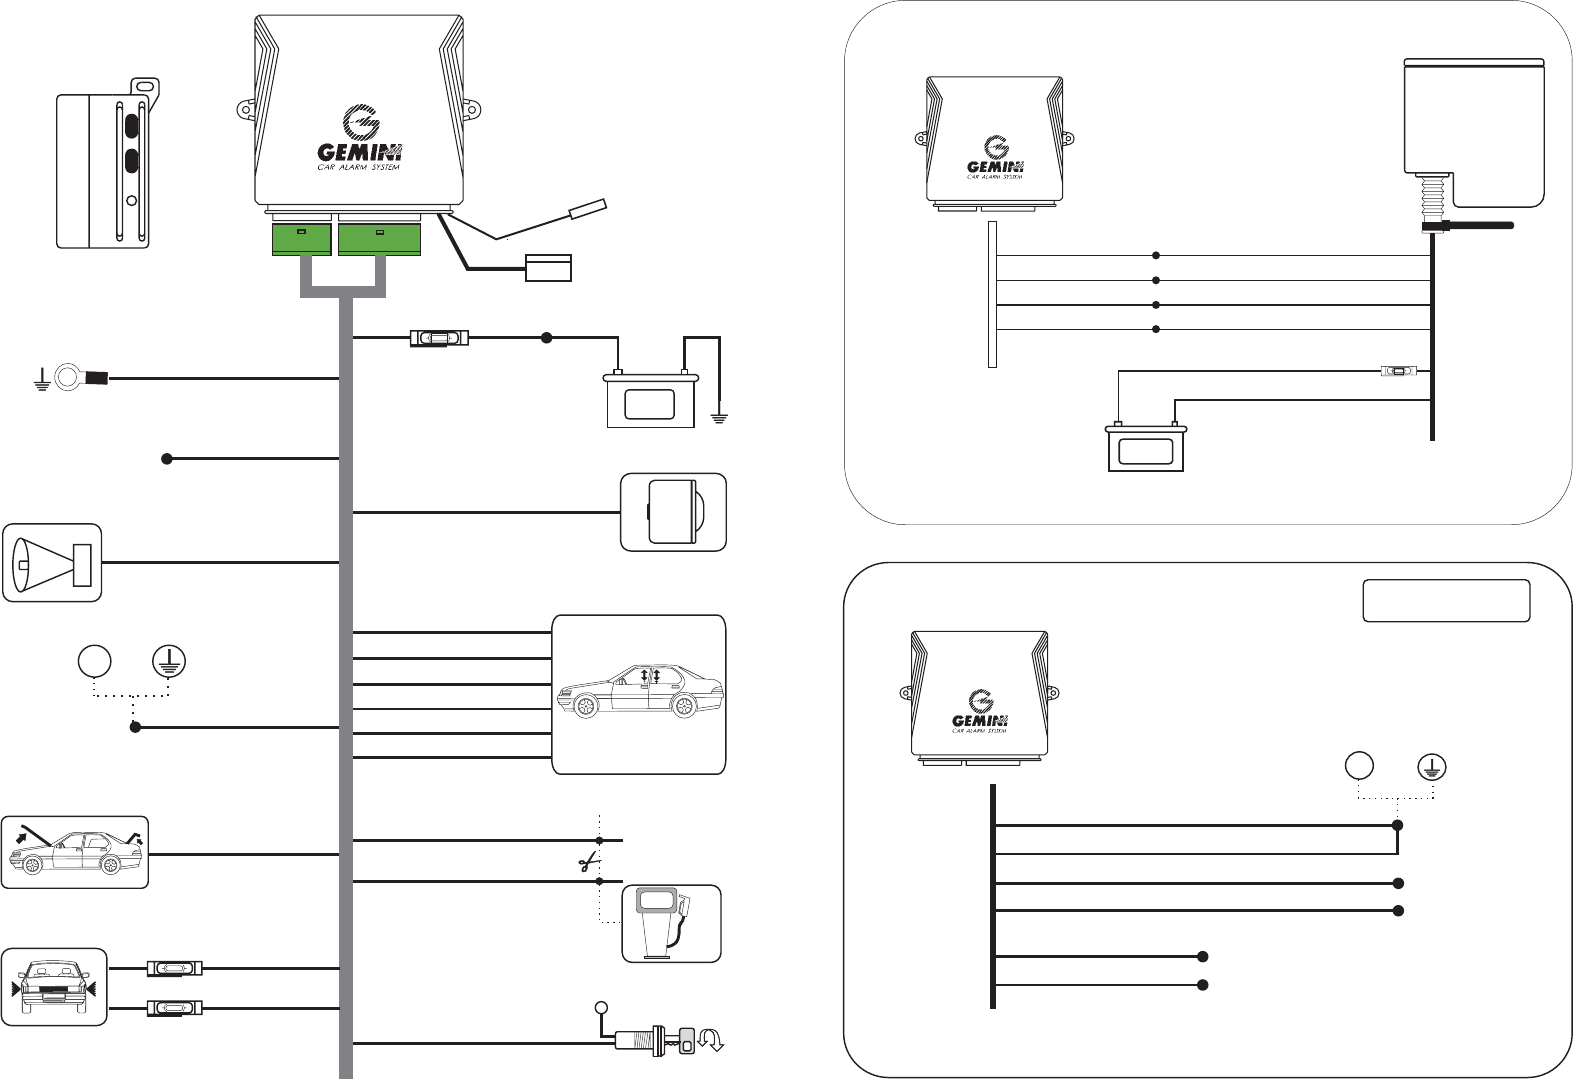 Gemini Car Alarm Wiring Diagram - 1992 Corvette Fuse Box Diagram - rccar- wiring.2010menanti.jeanjaures37.fr   Gemini Car Alarm Wiring Diagram      Wiring Diagram Resource